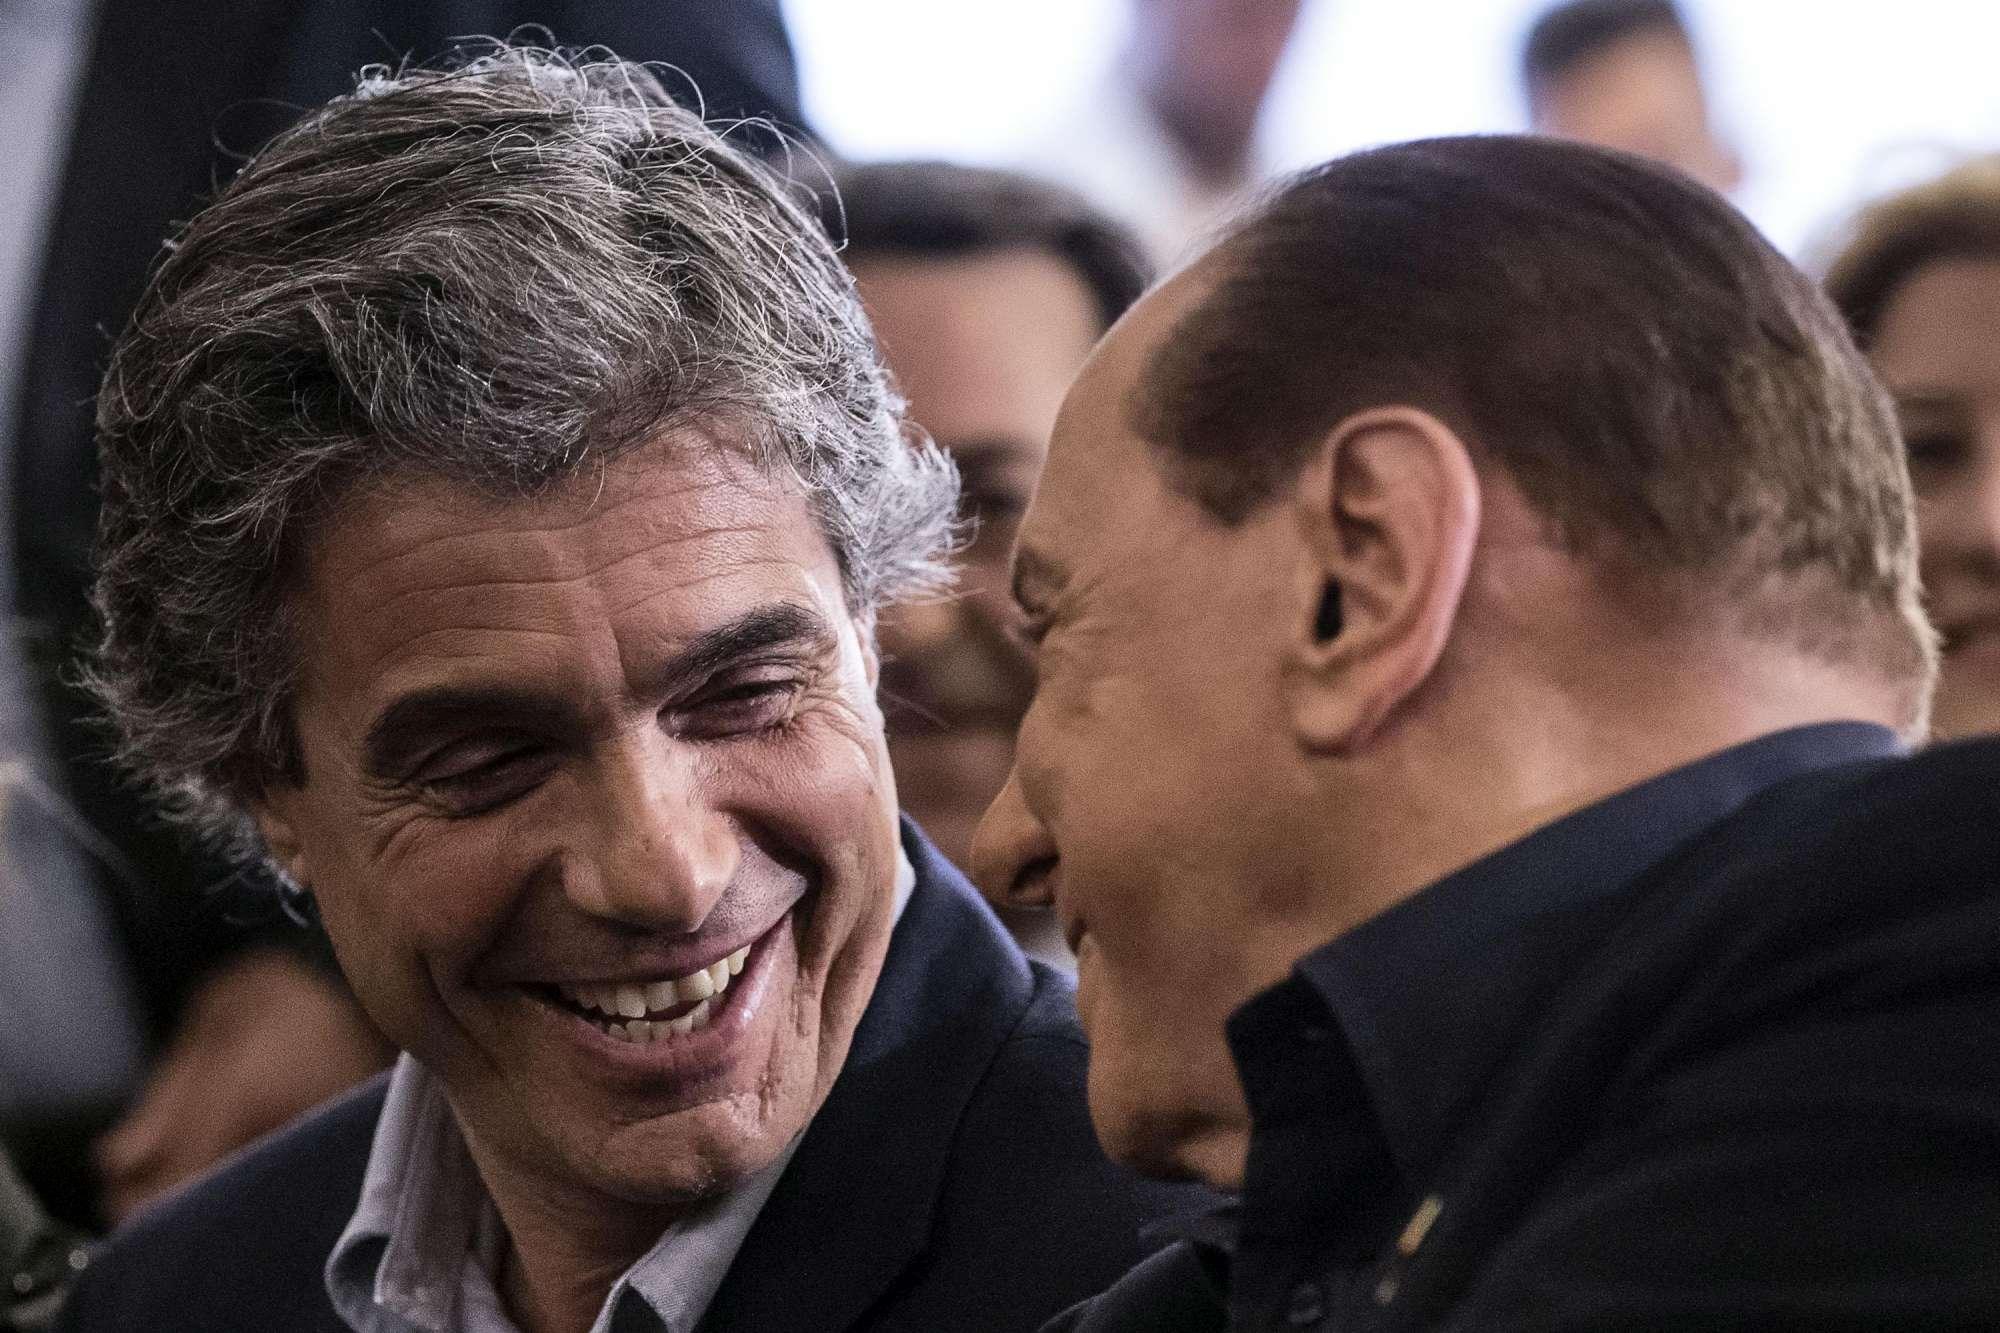 Elezioni, Bertolaso lascia: Forza Italia appoggia Marchini